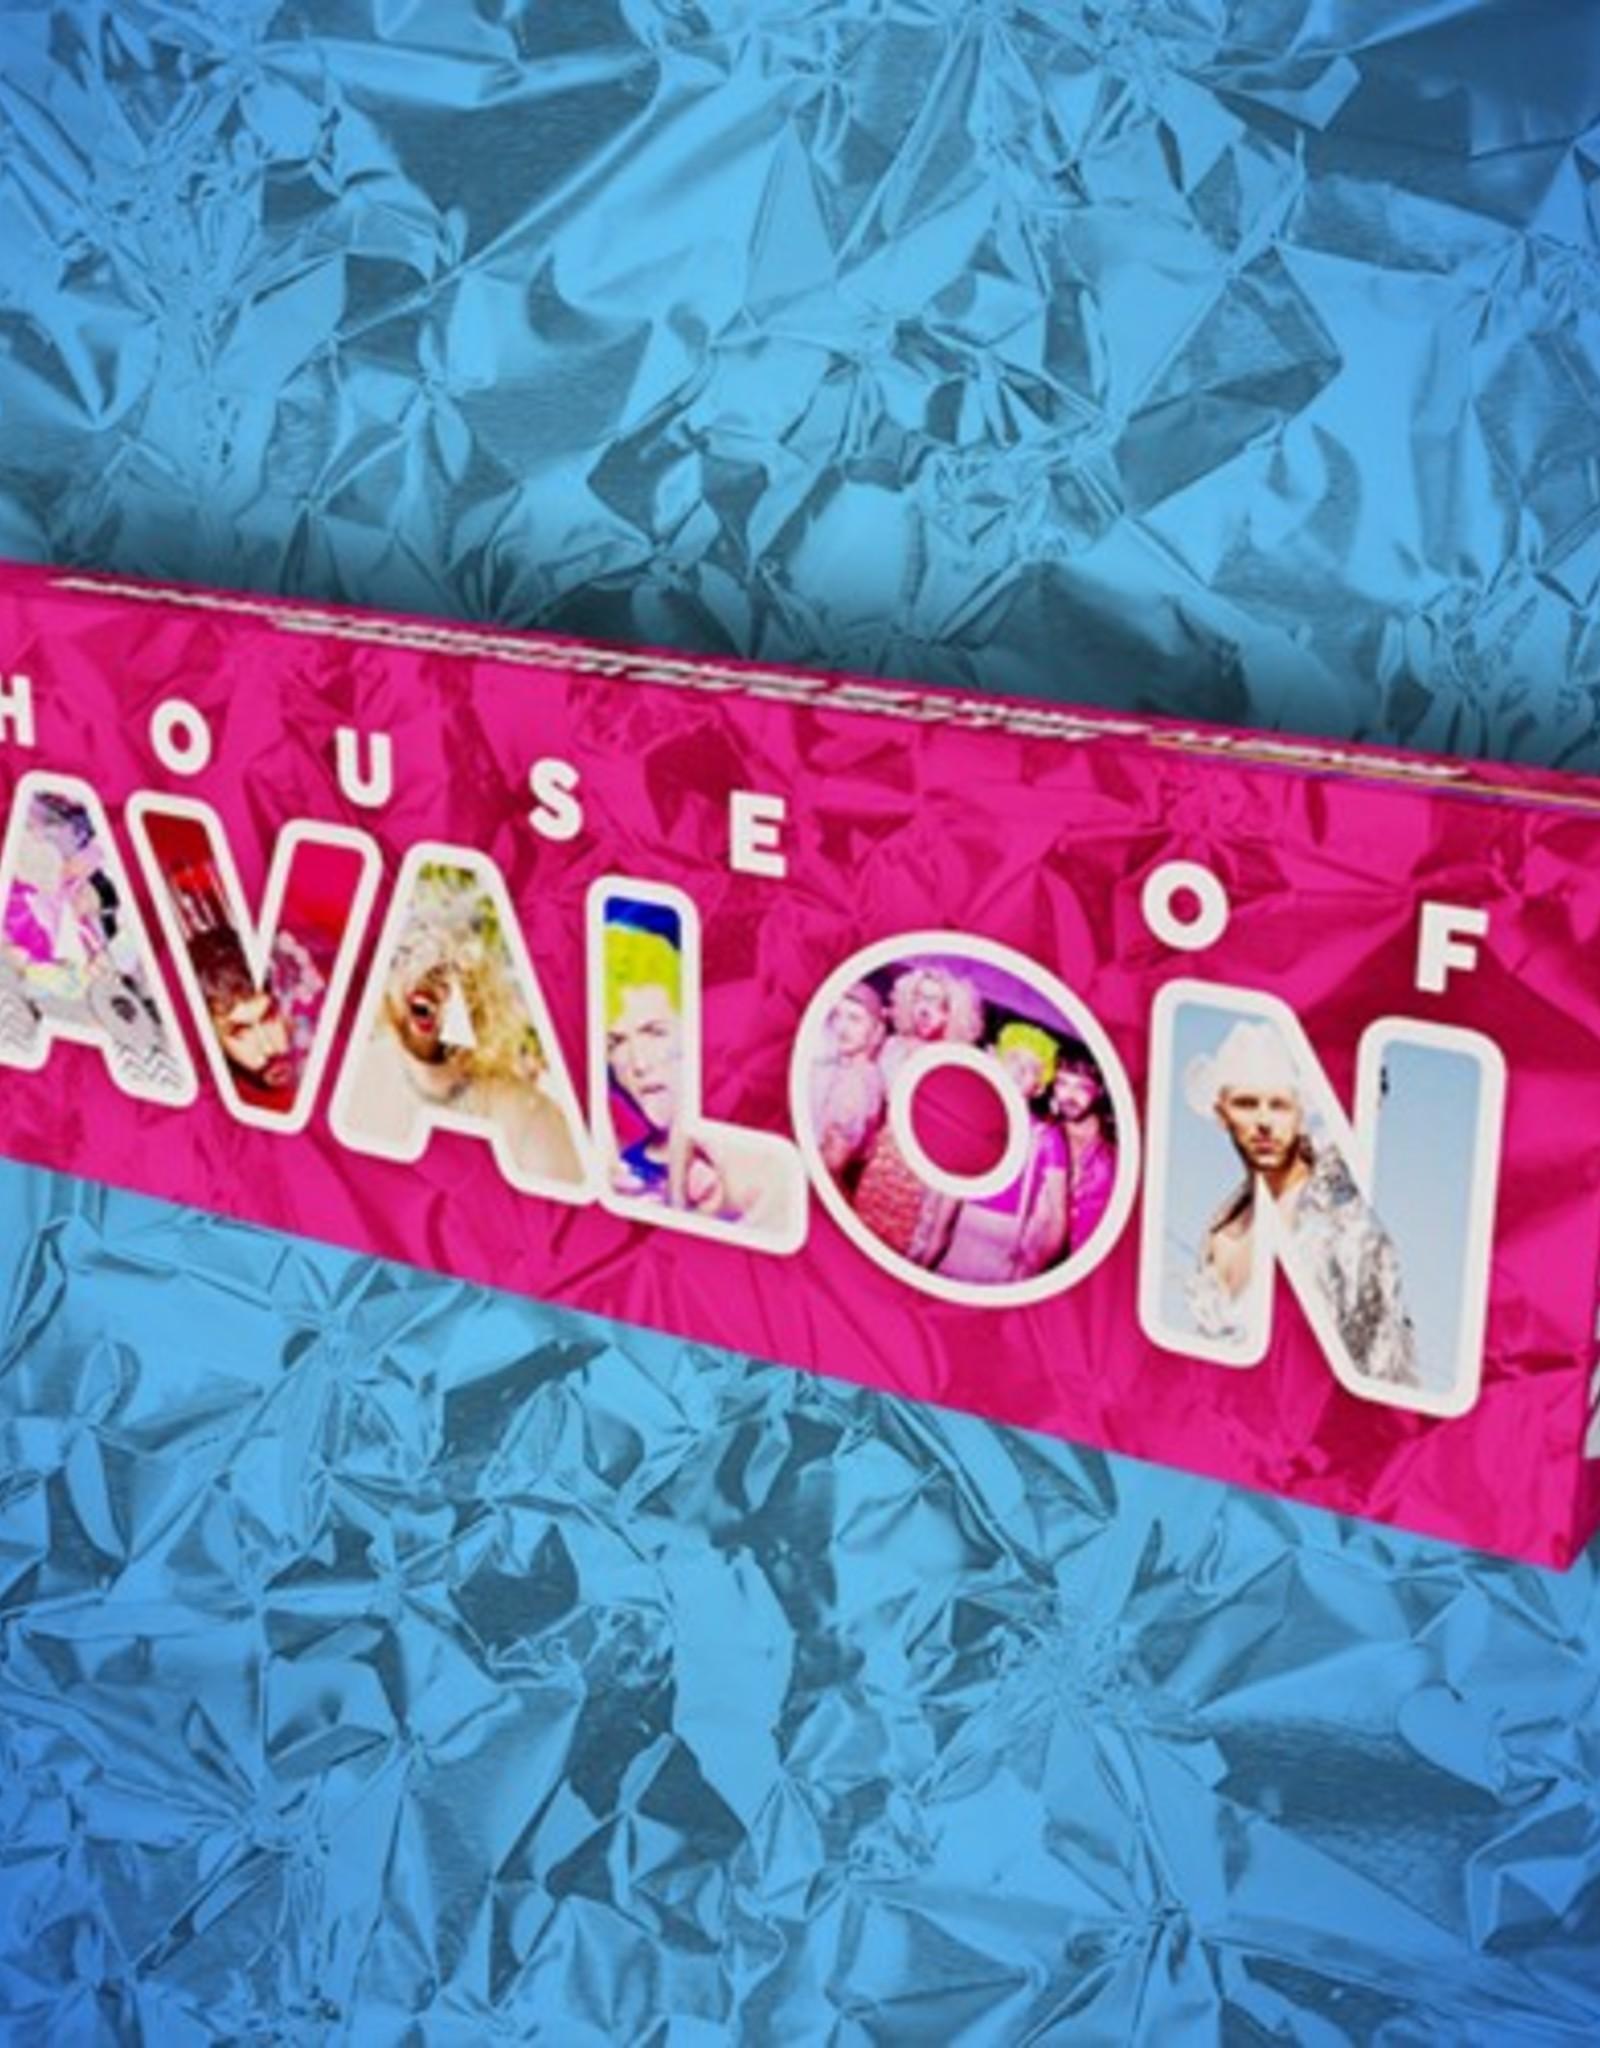 House of Avalon Chocolate Bar